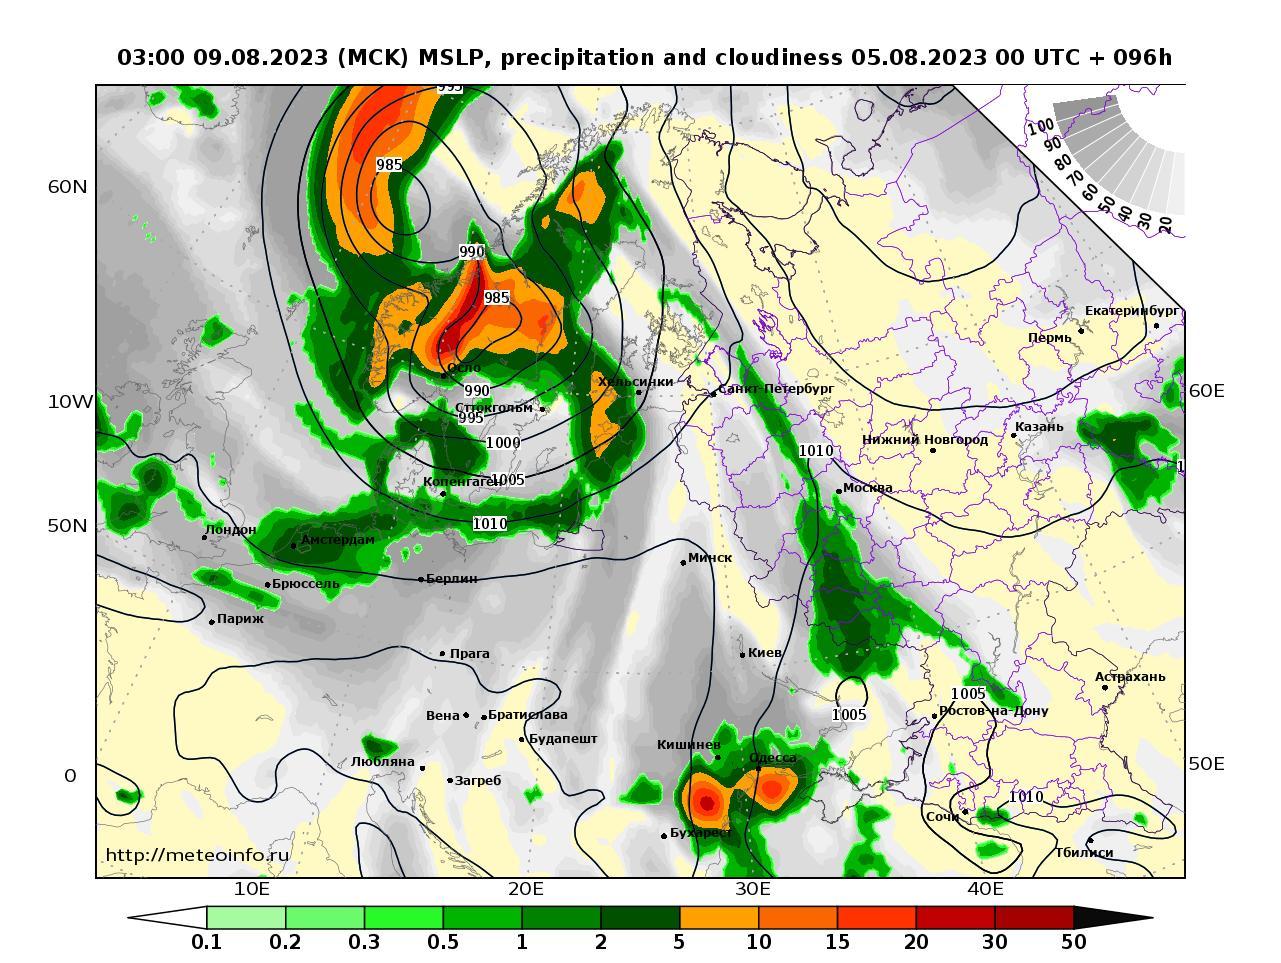 Европейская территория России, прогностическая карта осадки и давление, заблаговременность прогноза 96 часов